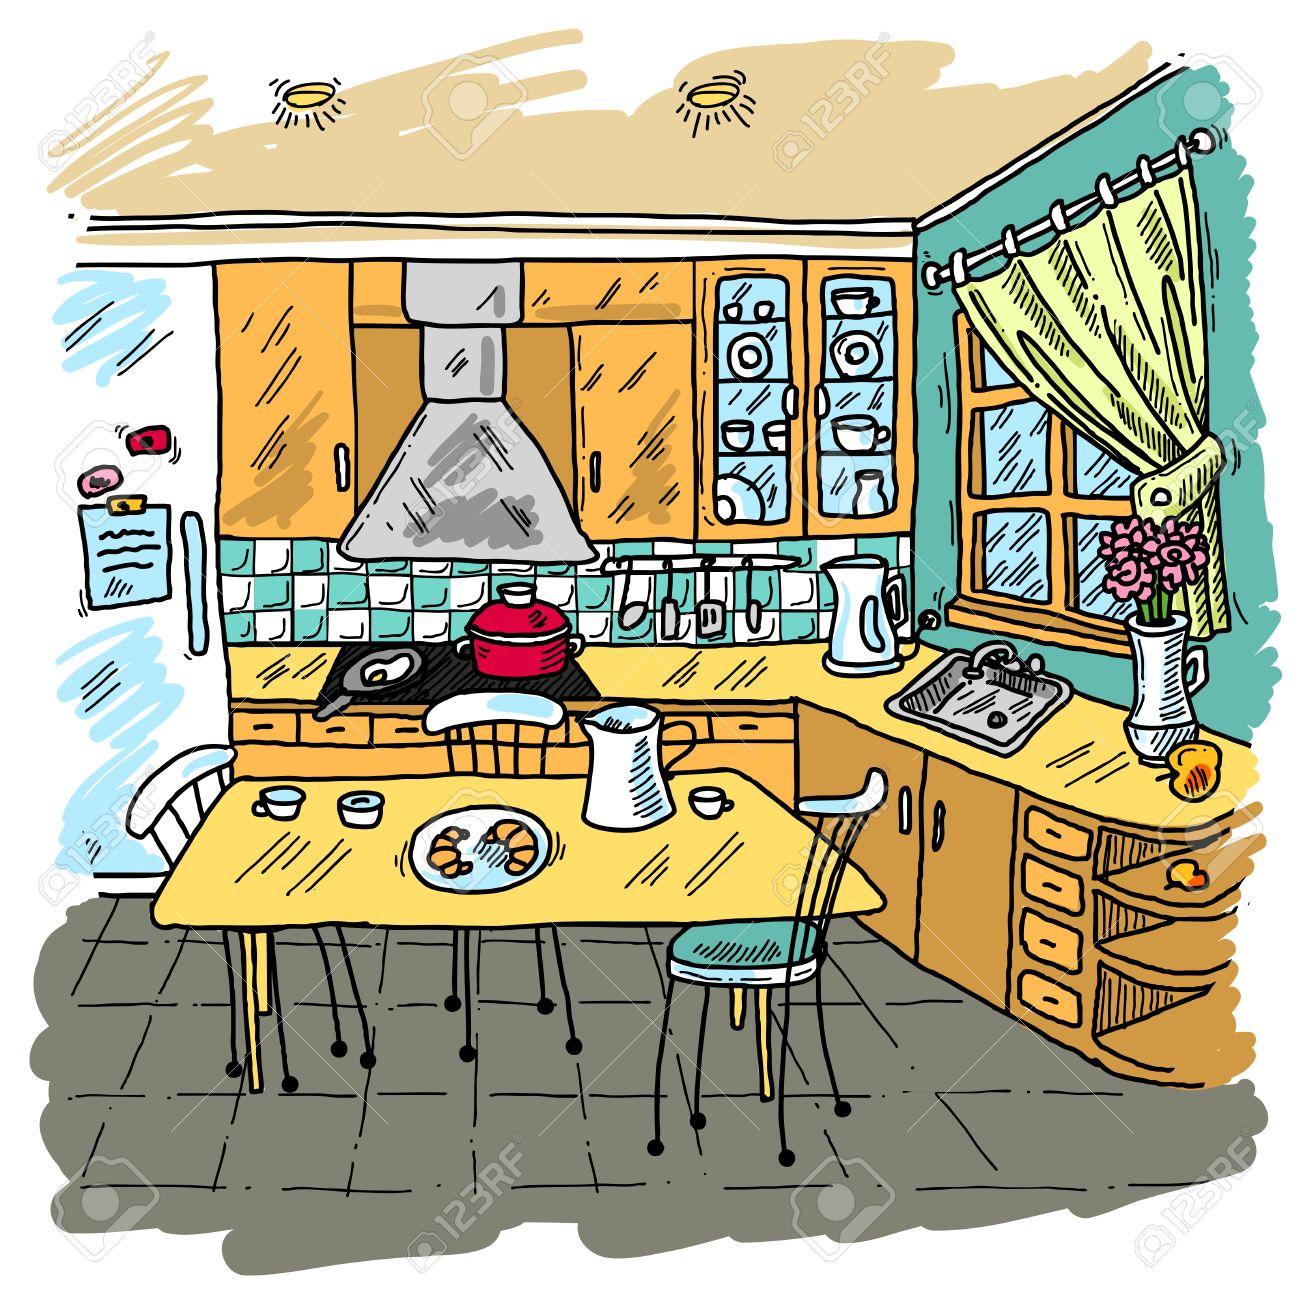 Cocina De Color De Fondo Decorativo Dibujo Con Mobiliario Doméstico